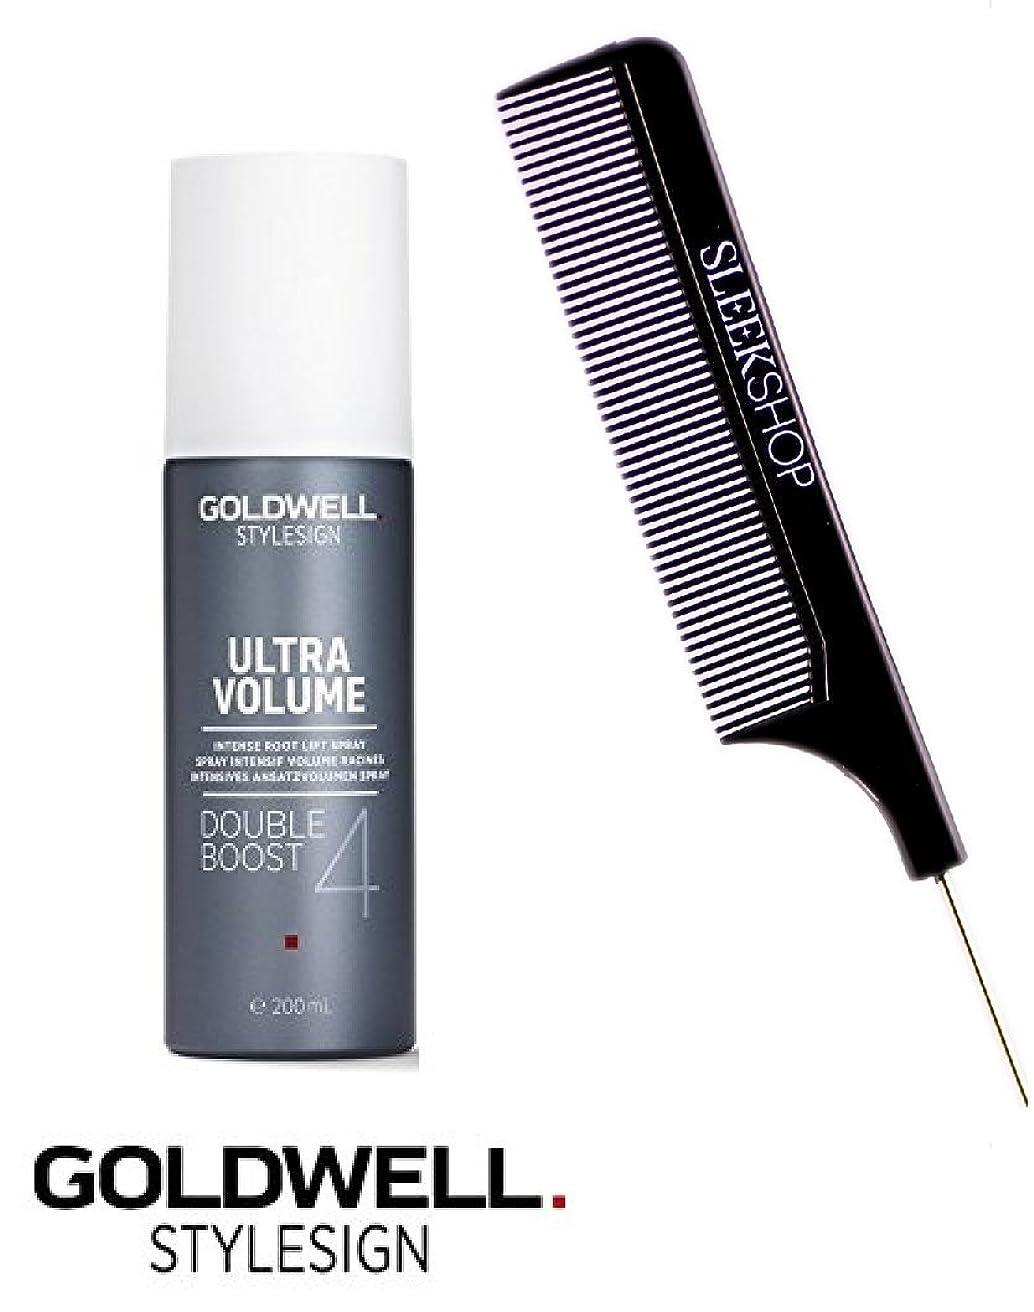 油授業料Goldwell Stylesignウルトラボリュームダブルブースト4インテンスルートリフト(なめらかなスチールピンテール櫛で)6.2オンススプレー